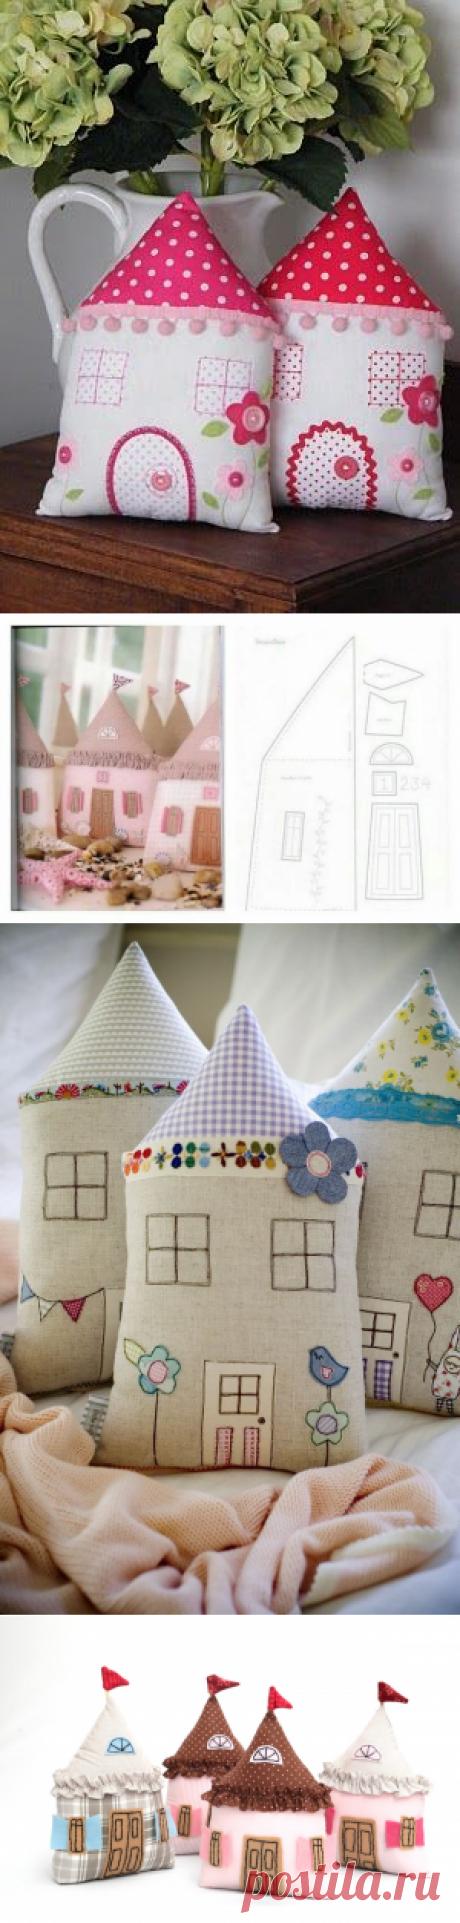 Подушки-домики: идеи для вдохновения — Сделай сам, идеи для творчества - DIY Ideas